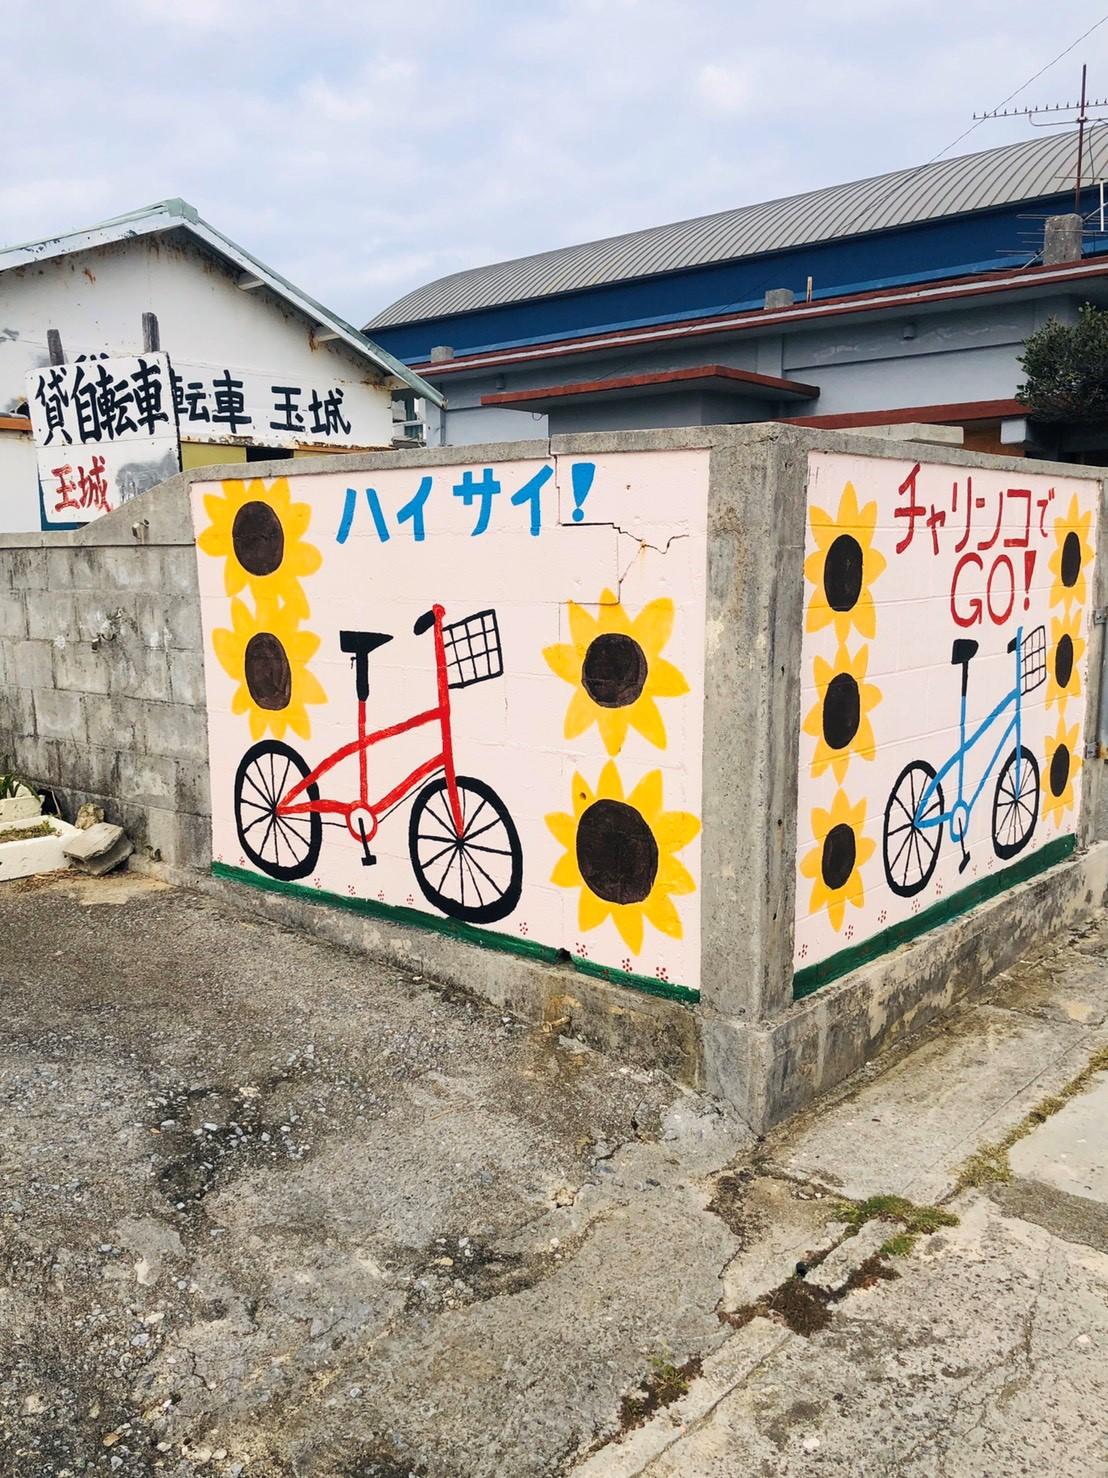 観光客用自転車のお知らせ